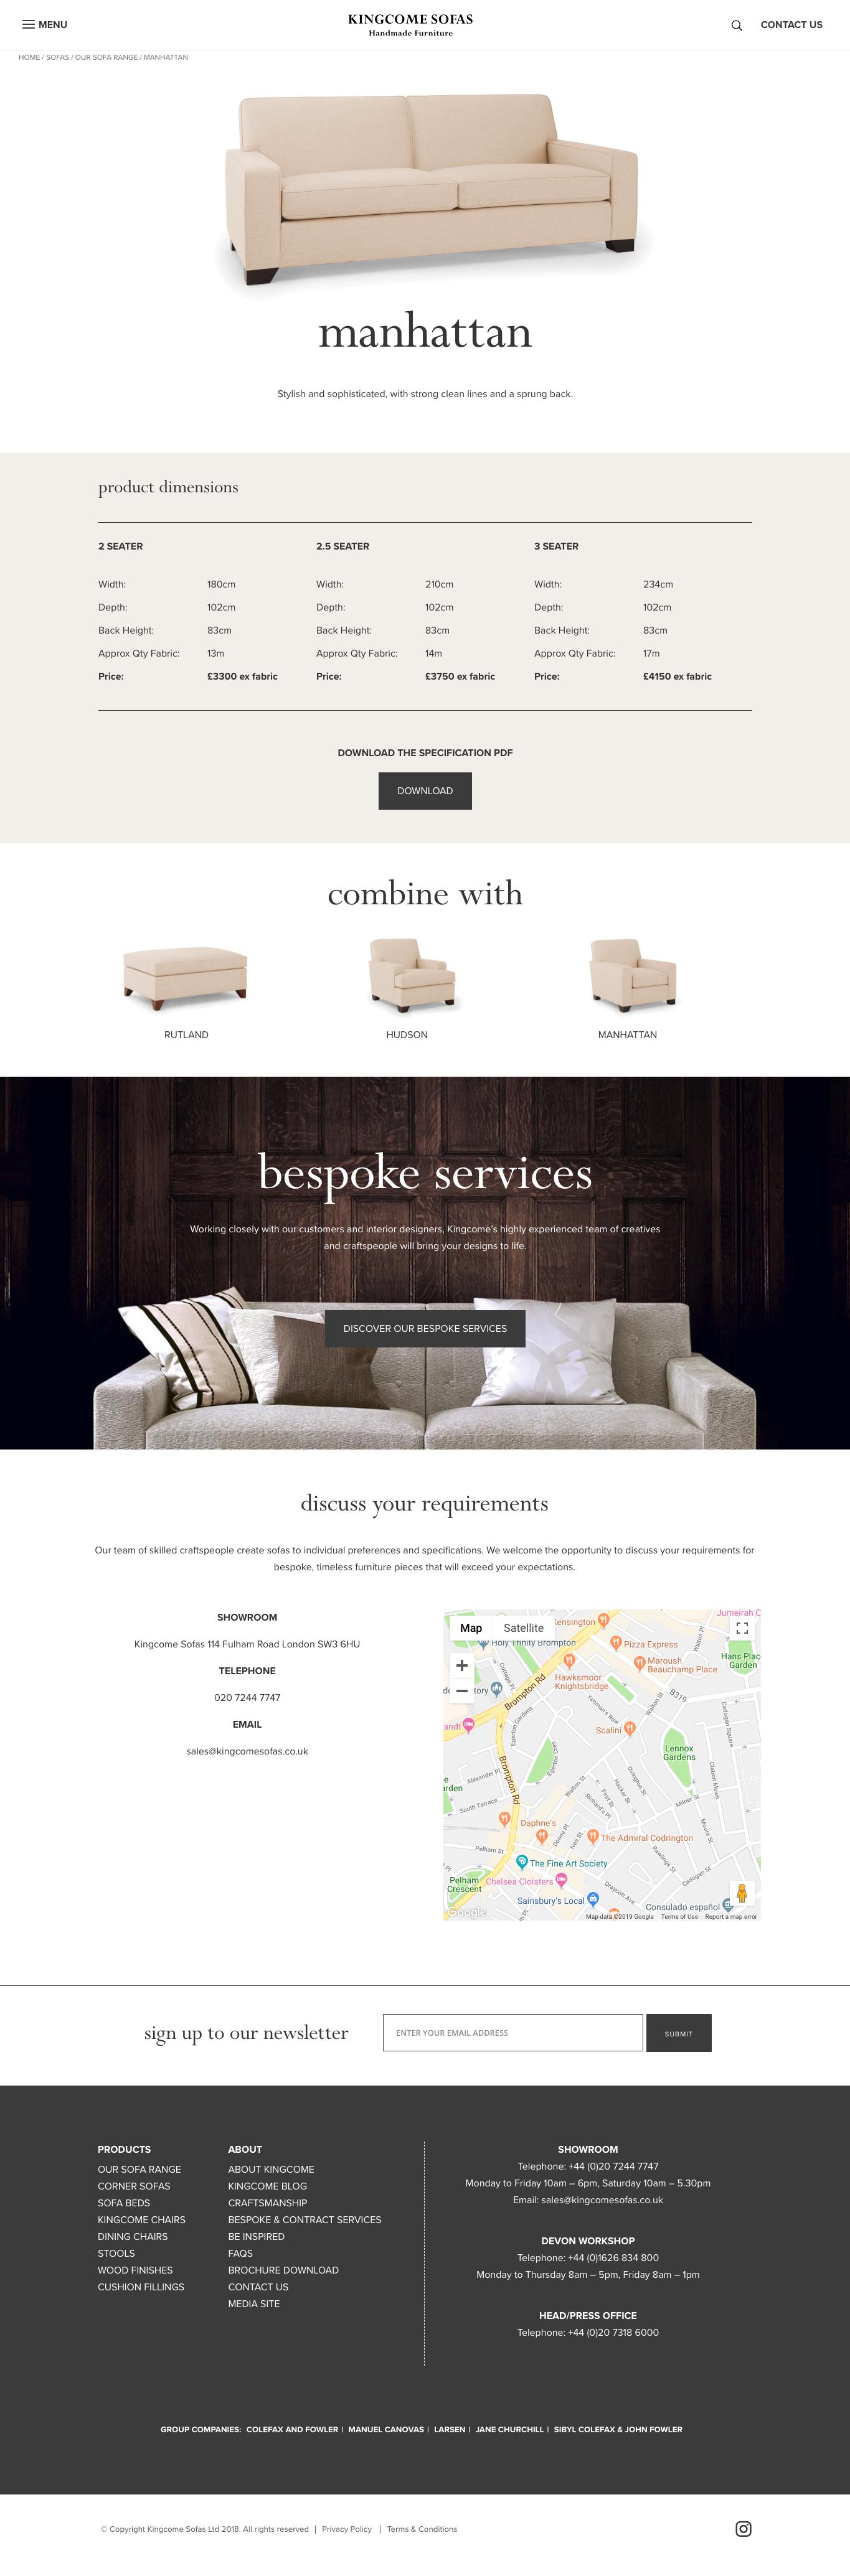 furniturepage.png